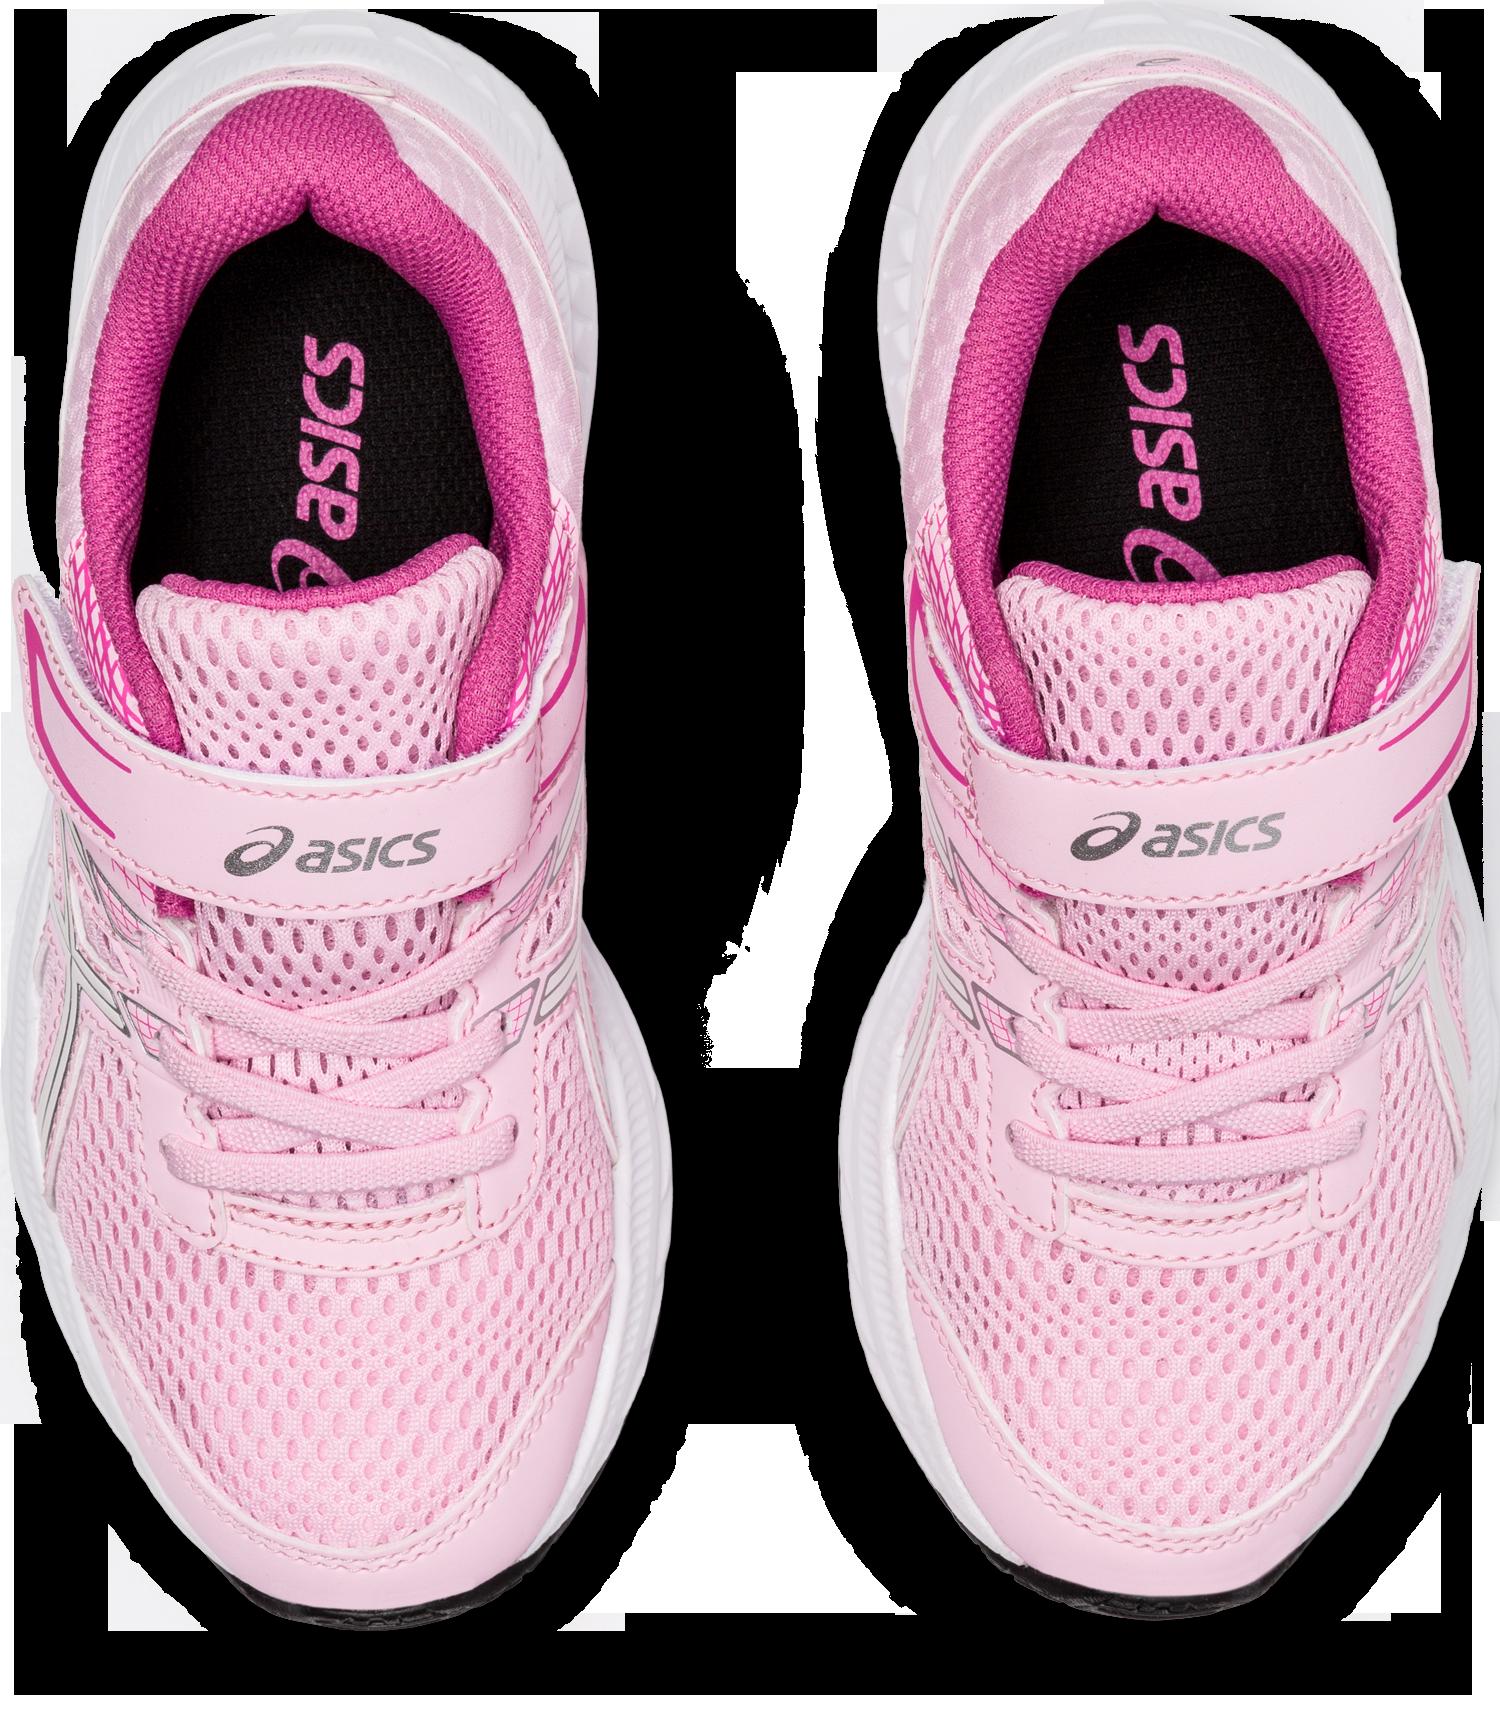 asics bambina 27 rosa